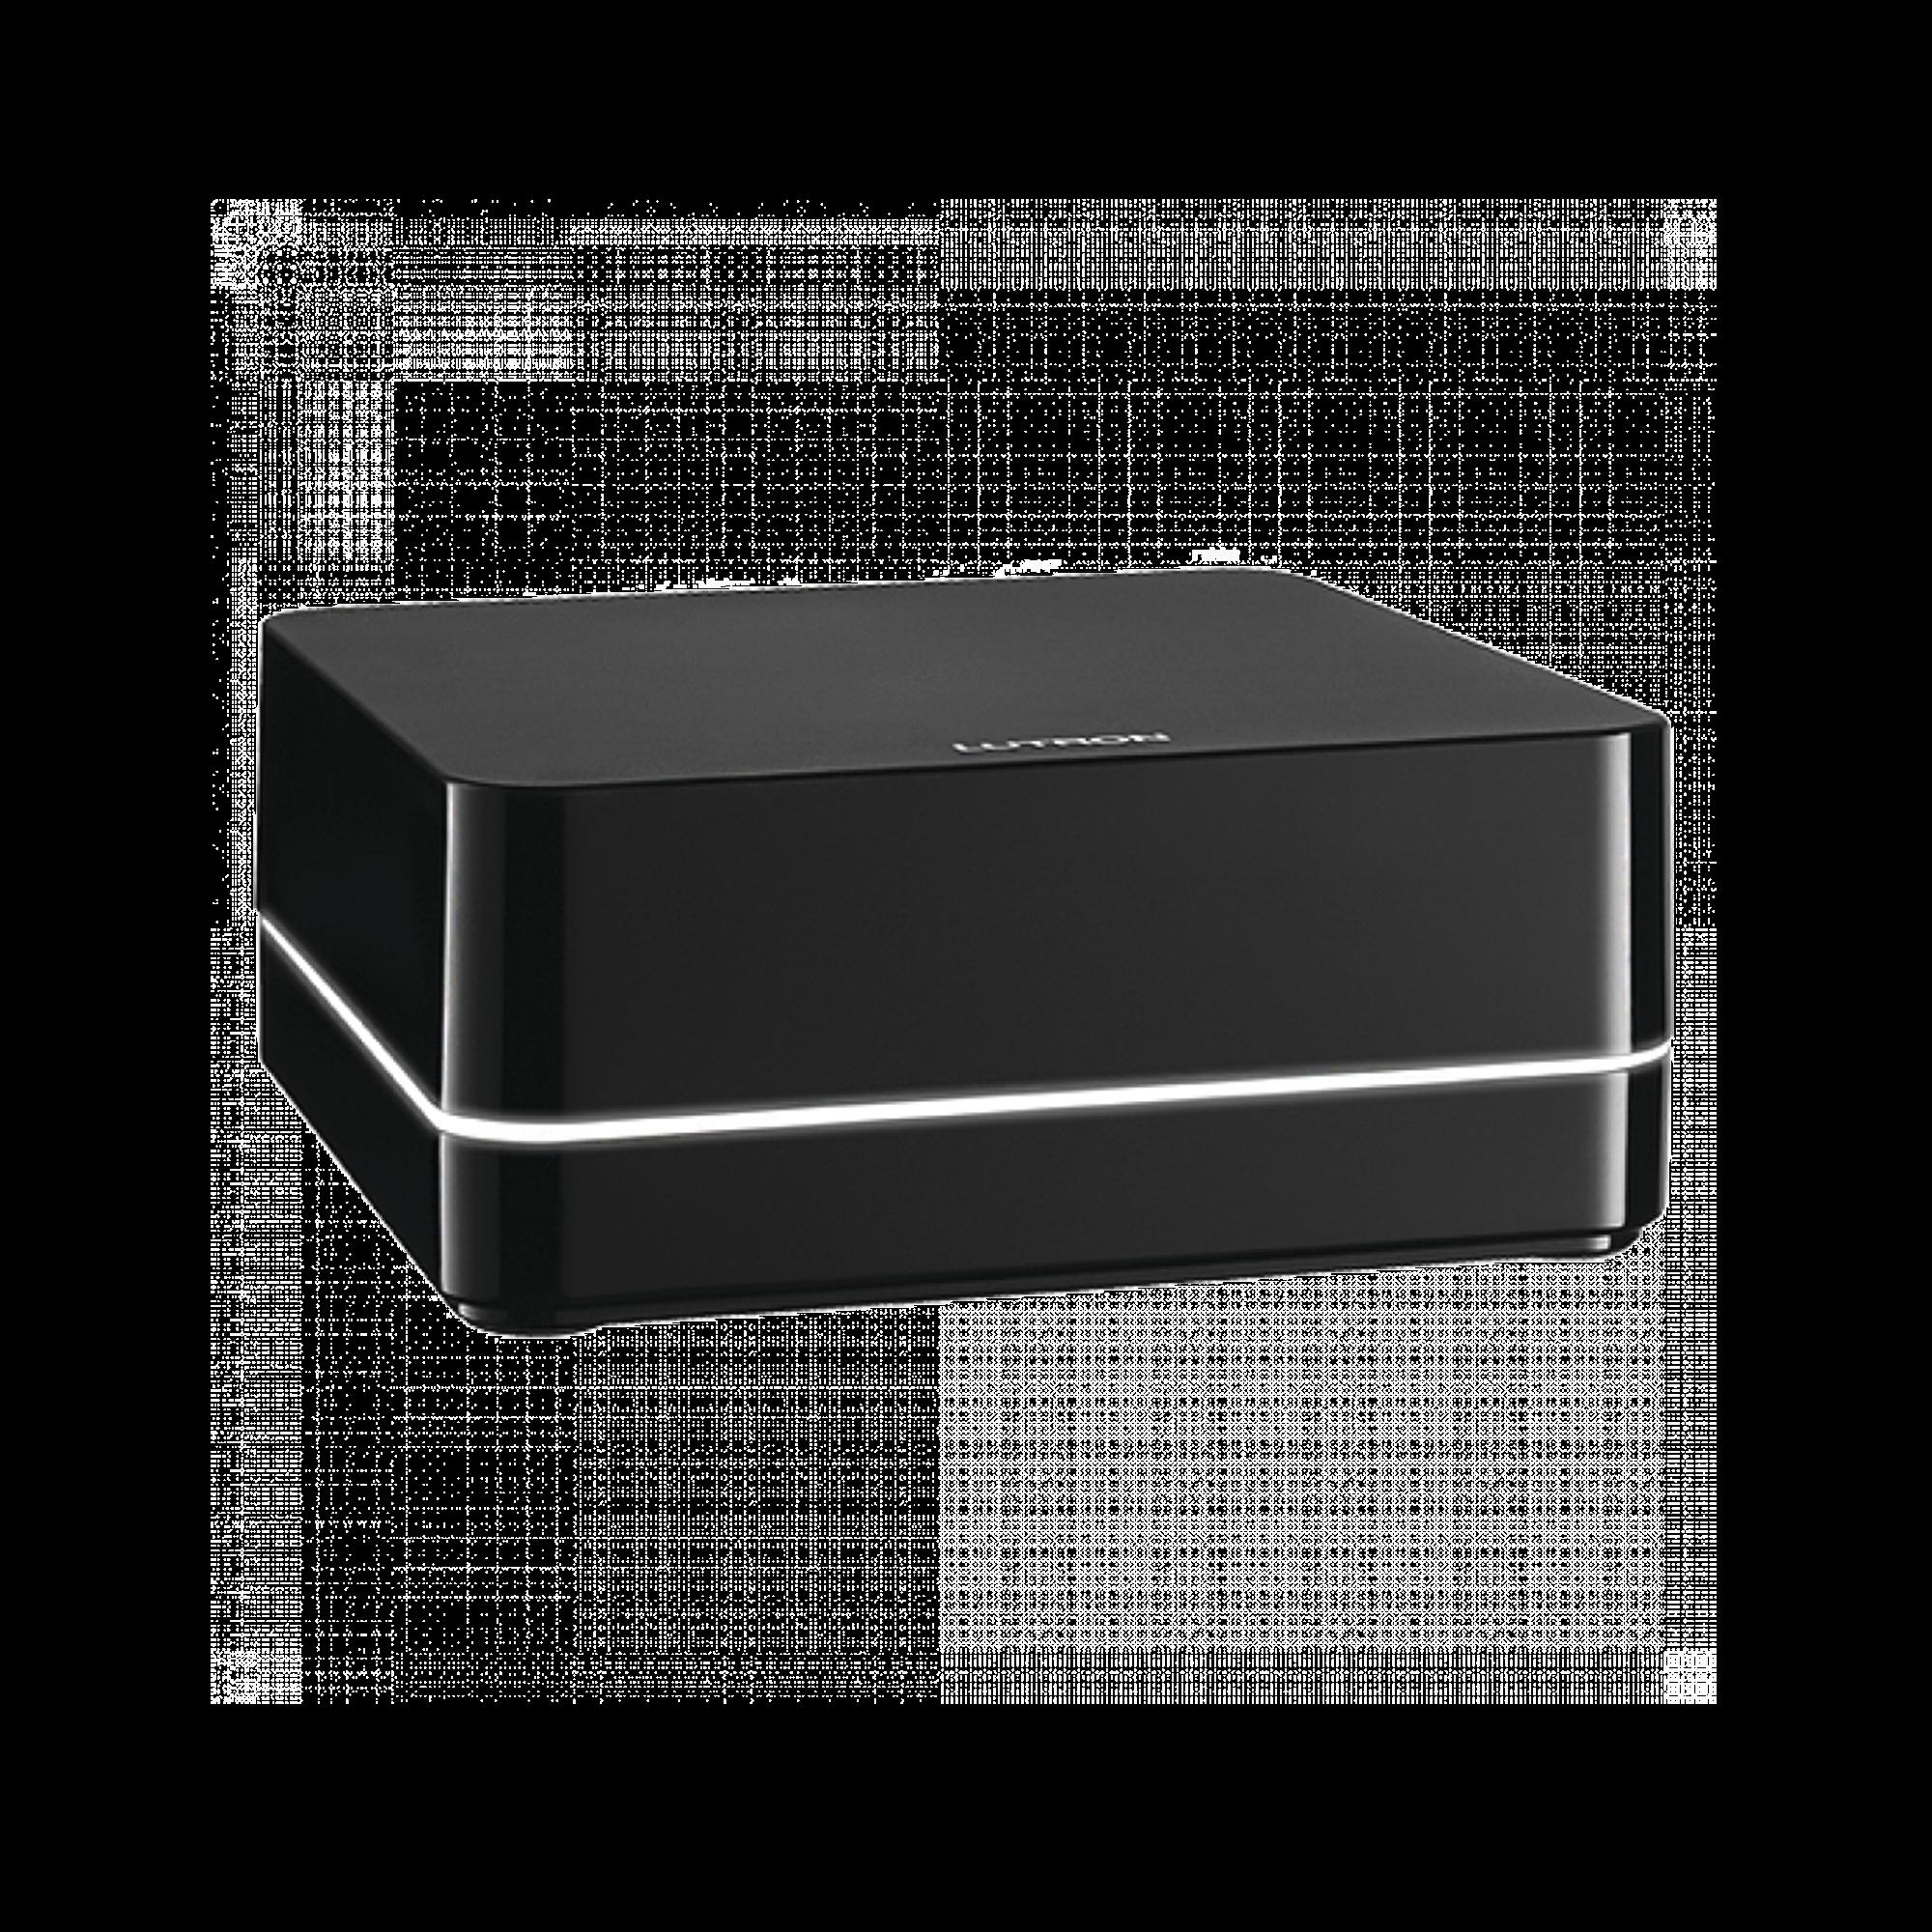 Controlador HUB principal para RA2 Select LUTRON, soporta 100 dispositivos, 4 repetidores, programacion via App gratuita.